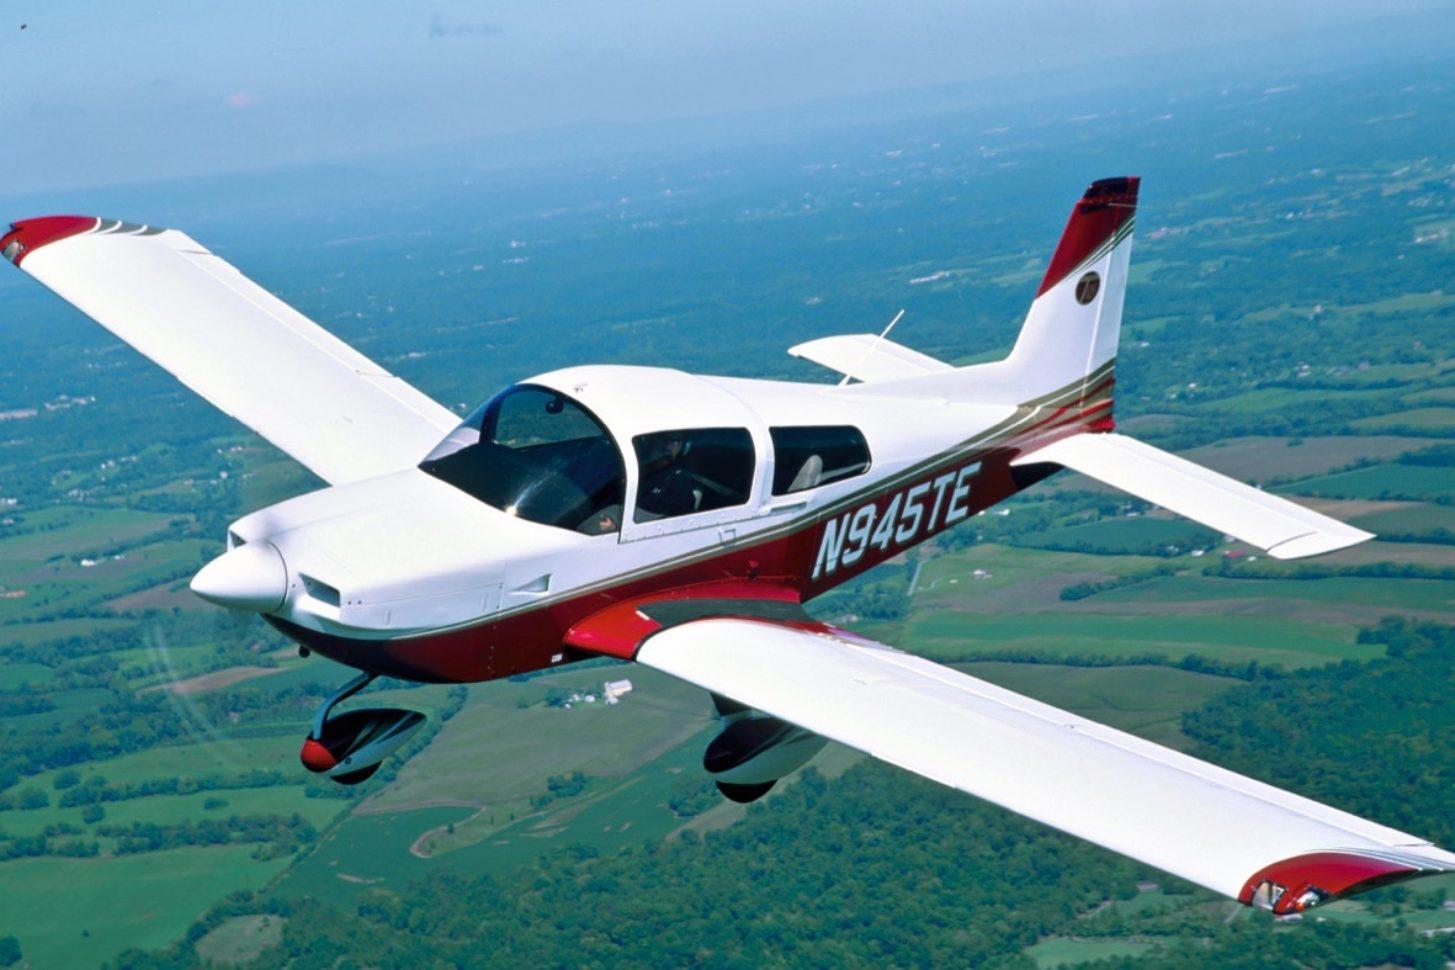 Gebrauchtflugzeug-Ratgeber AA-5B/AG-5B Tiger